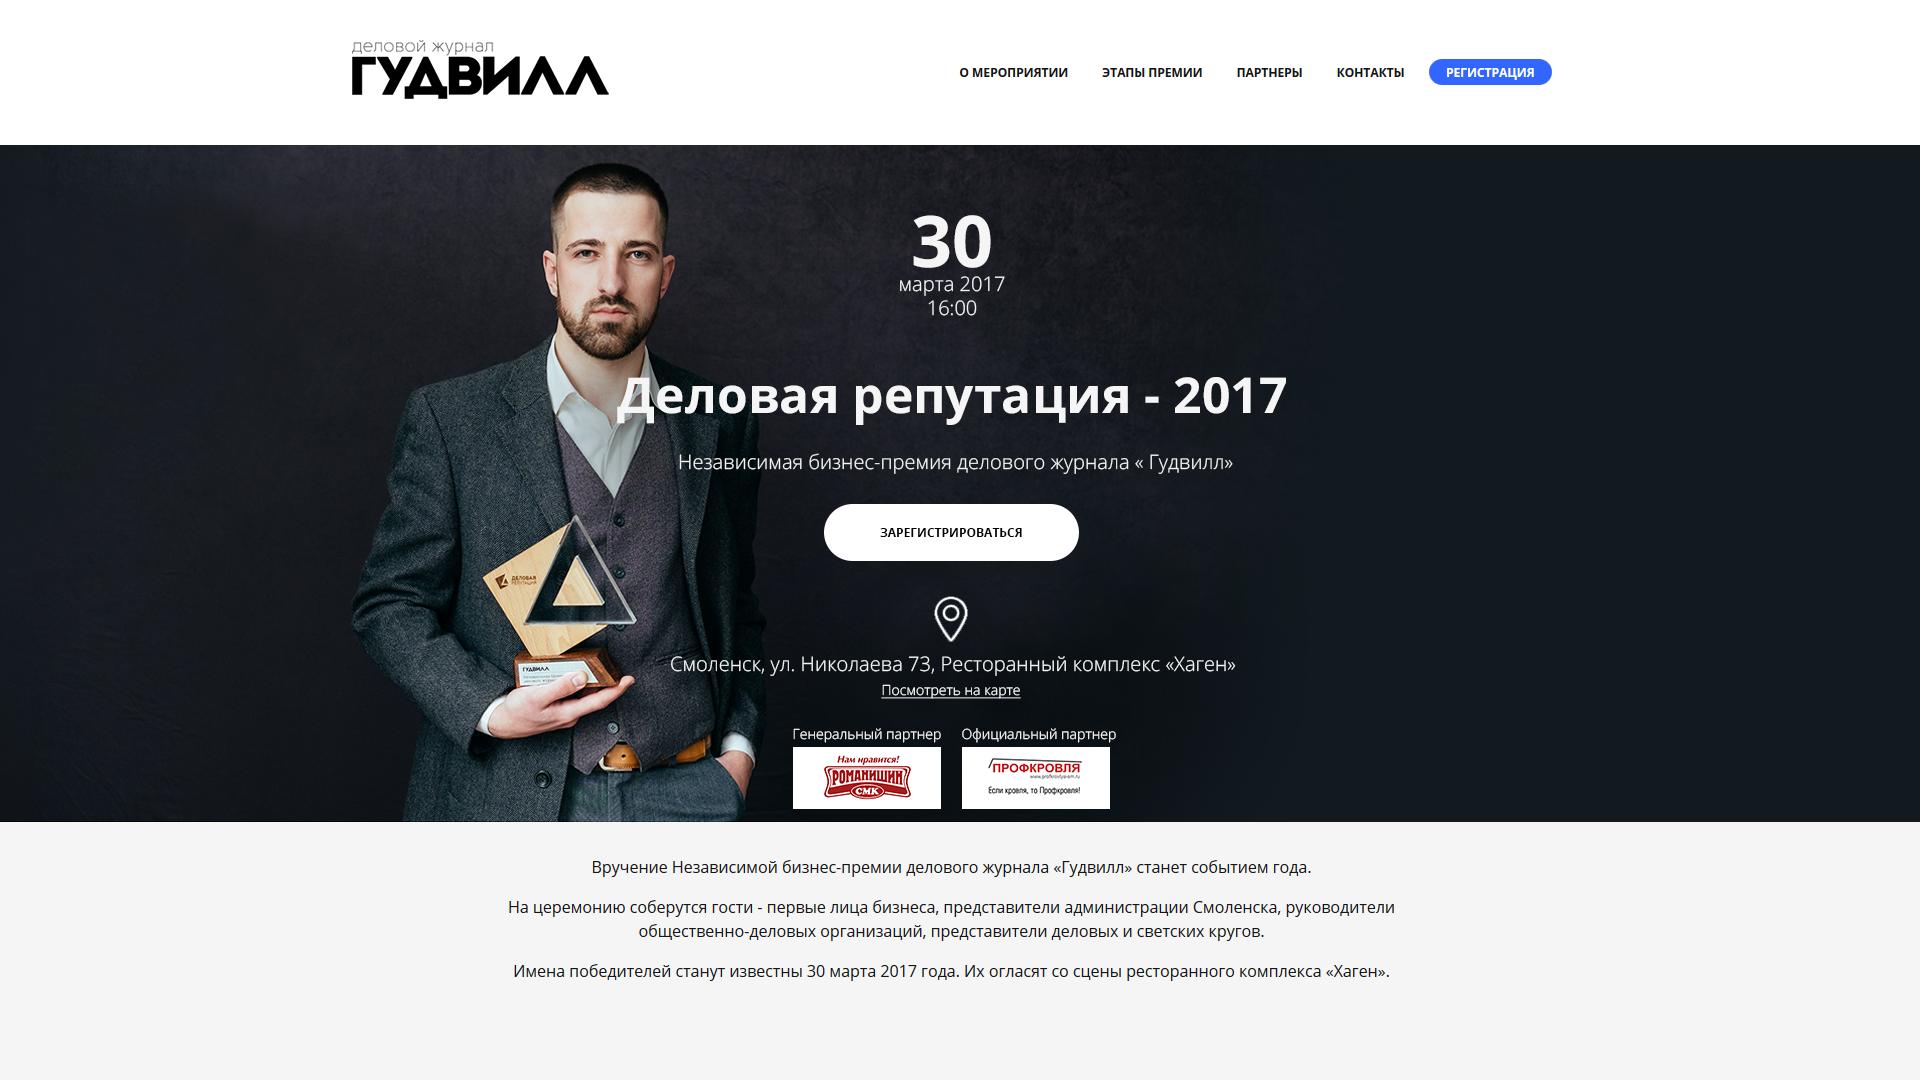 Разработка сайта бизнес-премии «Деловая репутация-2017»